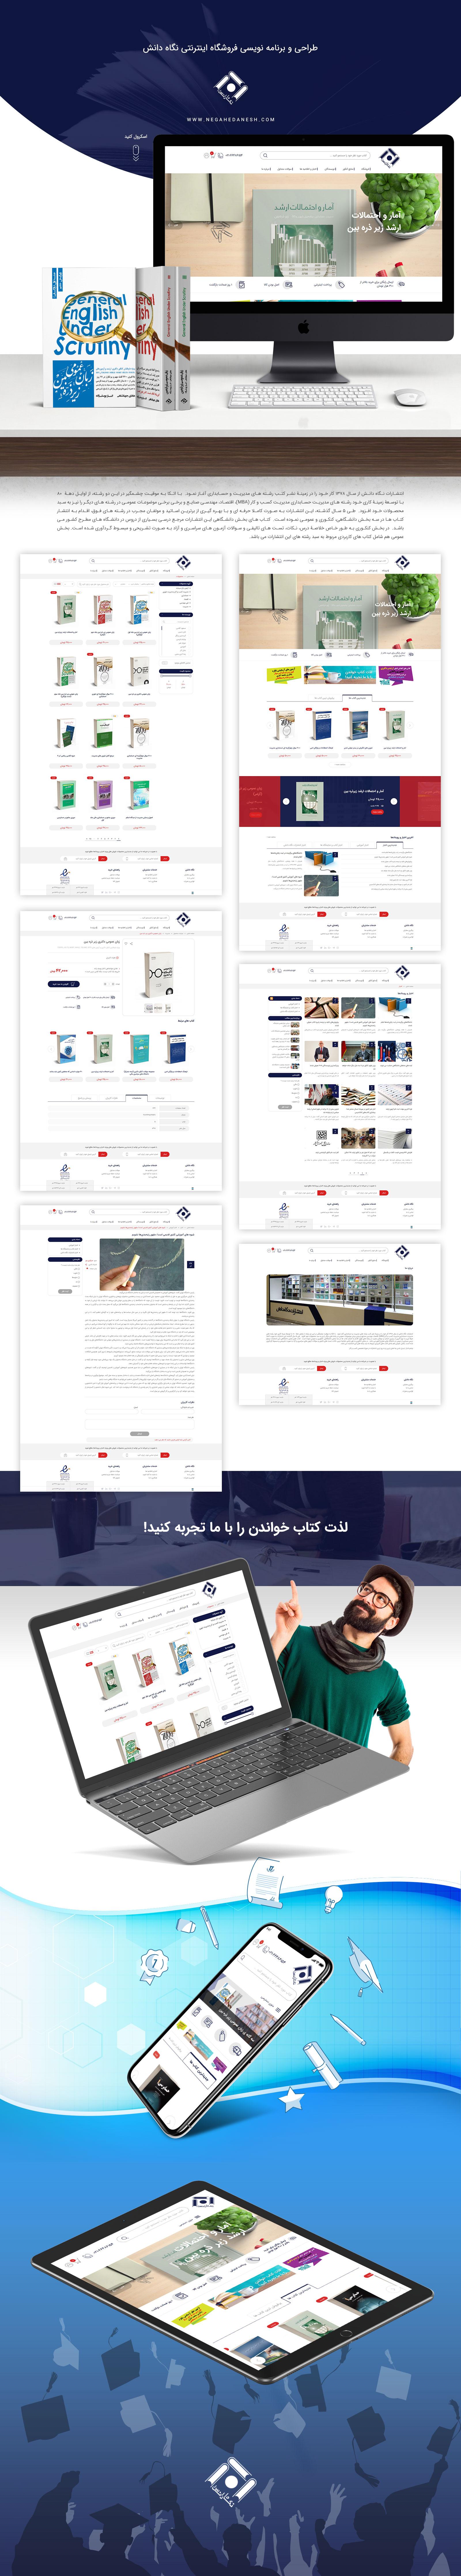 فروشگاه اینترنتی نگاه دانش